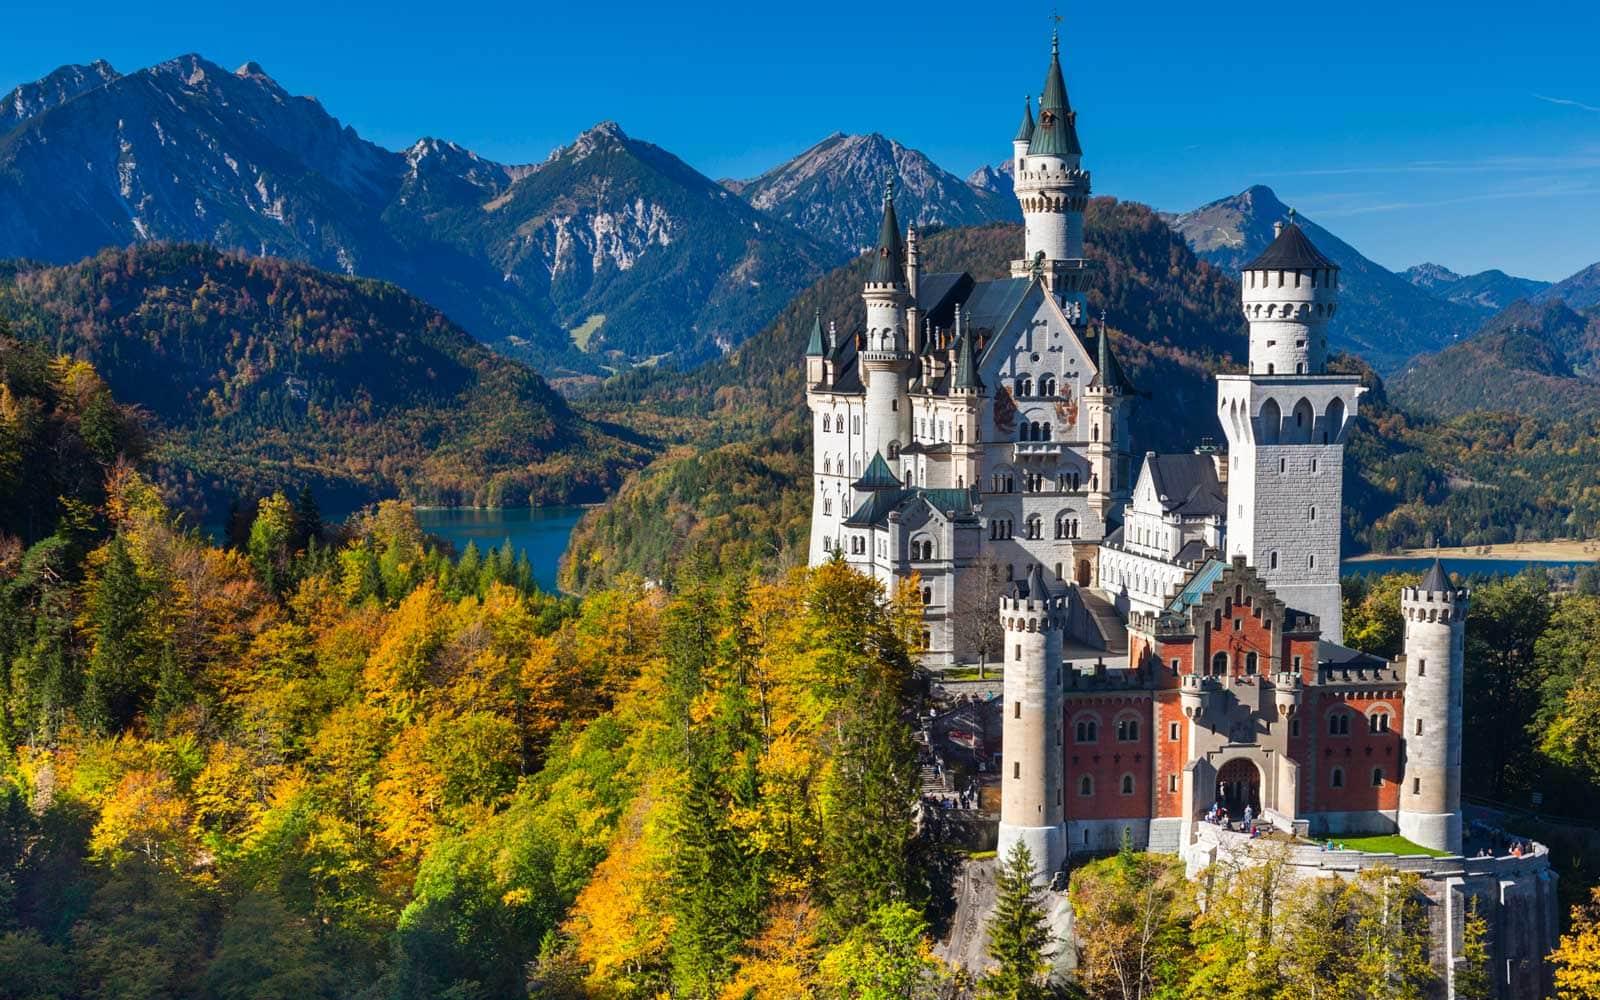 Neuschwanstein Castle Schloss Neuschwanstein